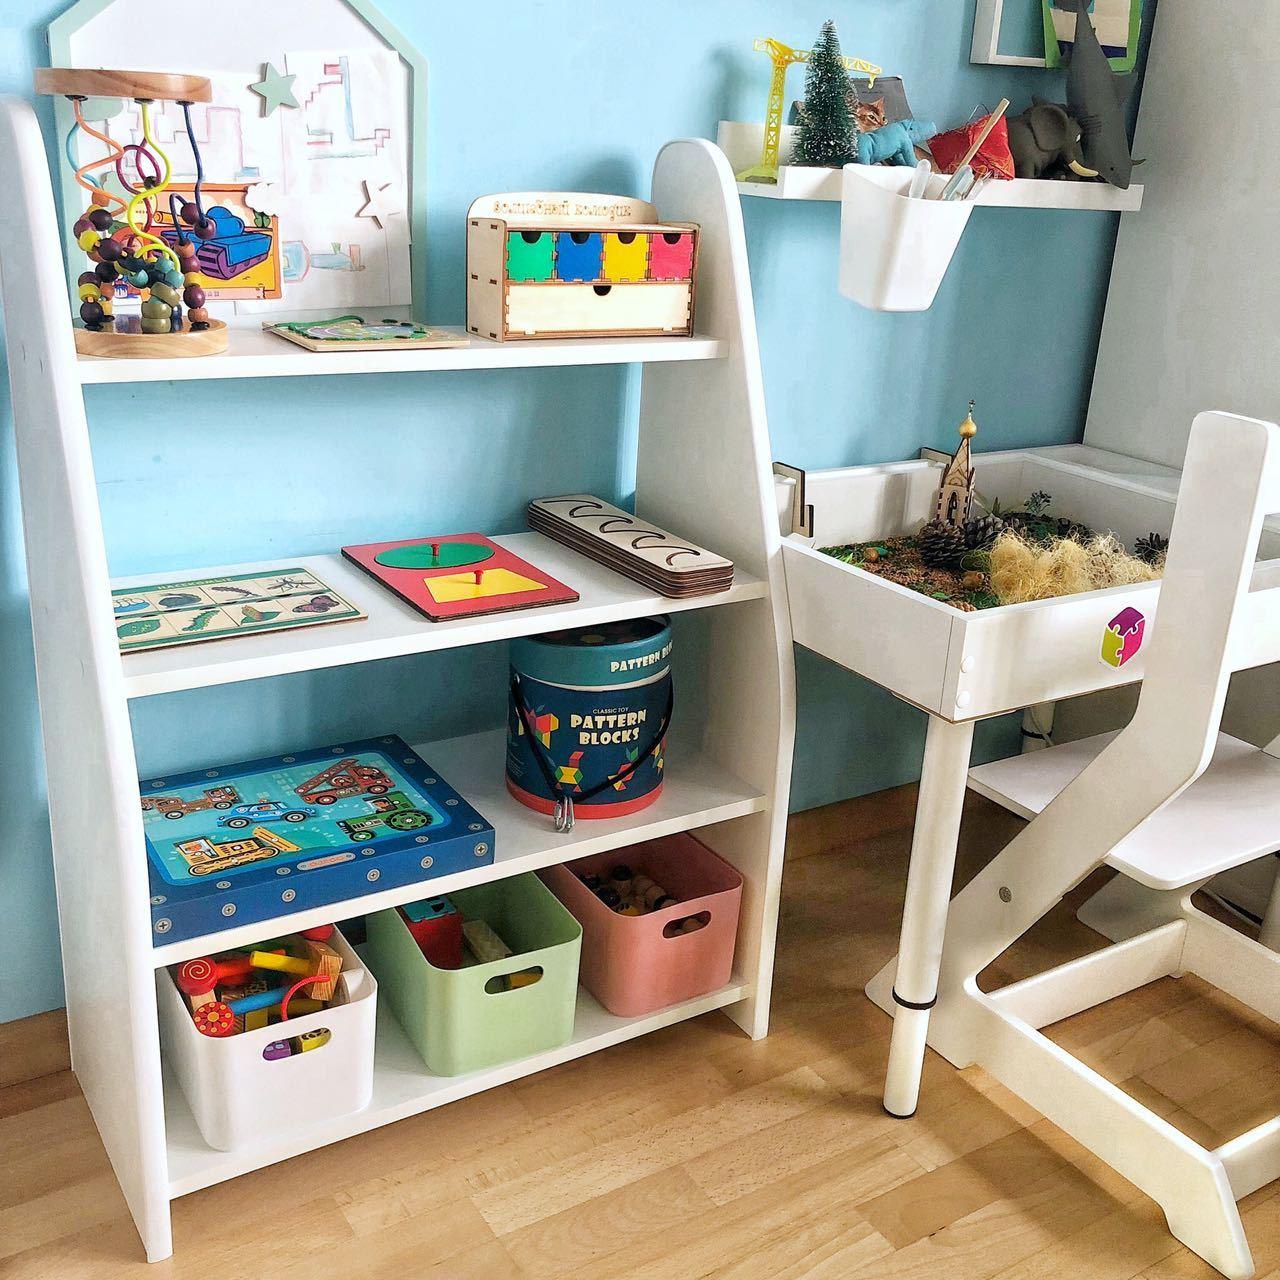 стеллаж для игрушек в детскую комнату купить в москве